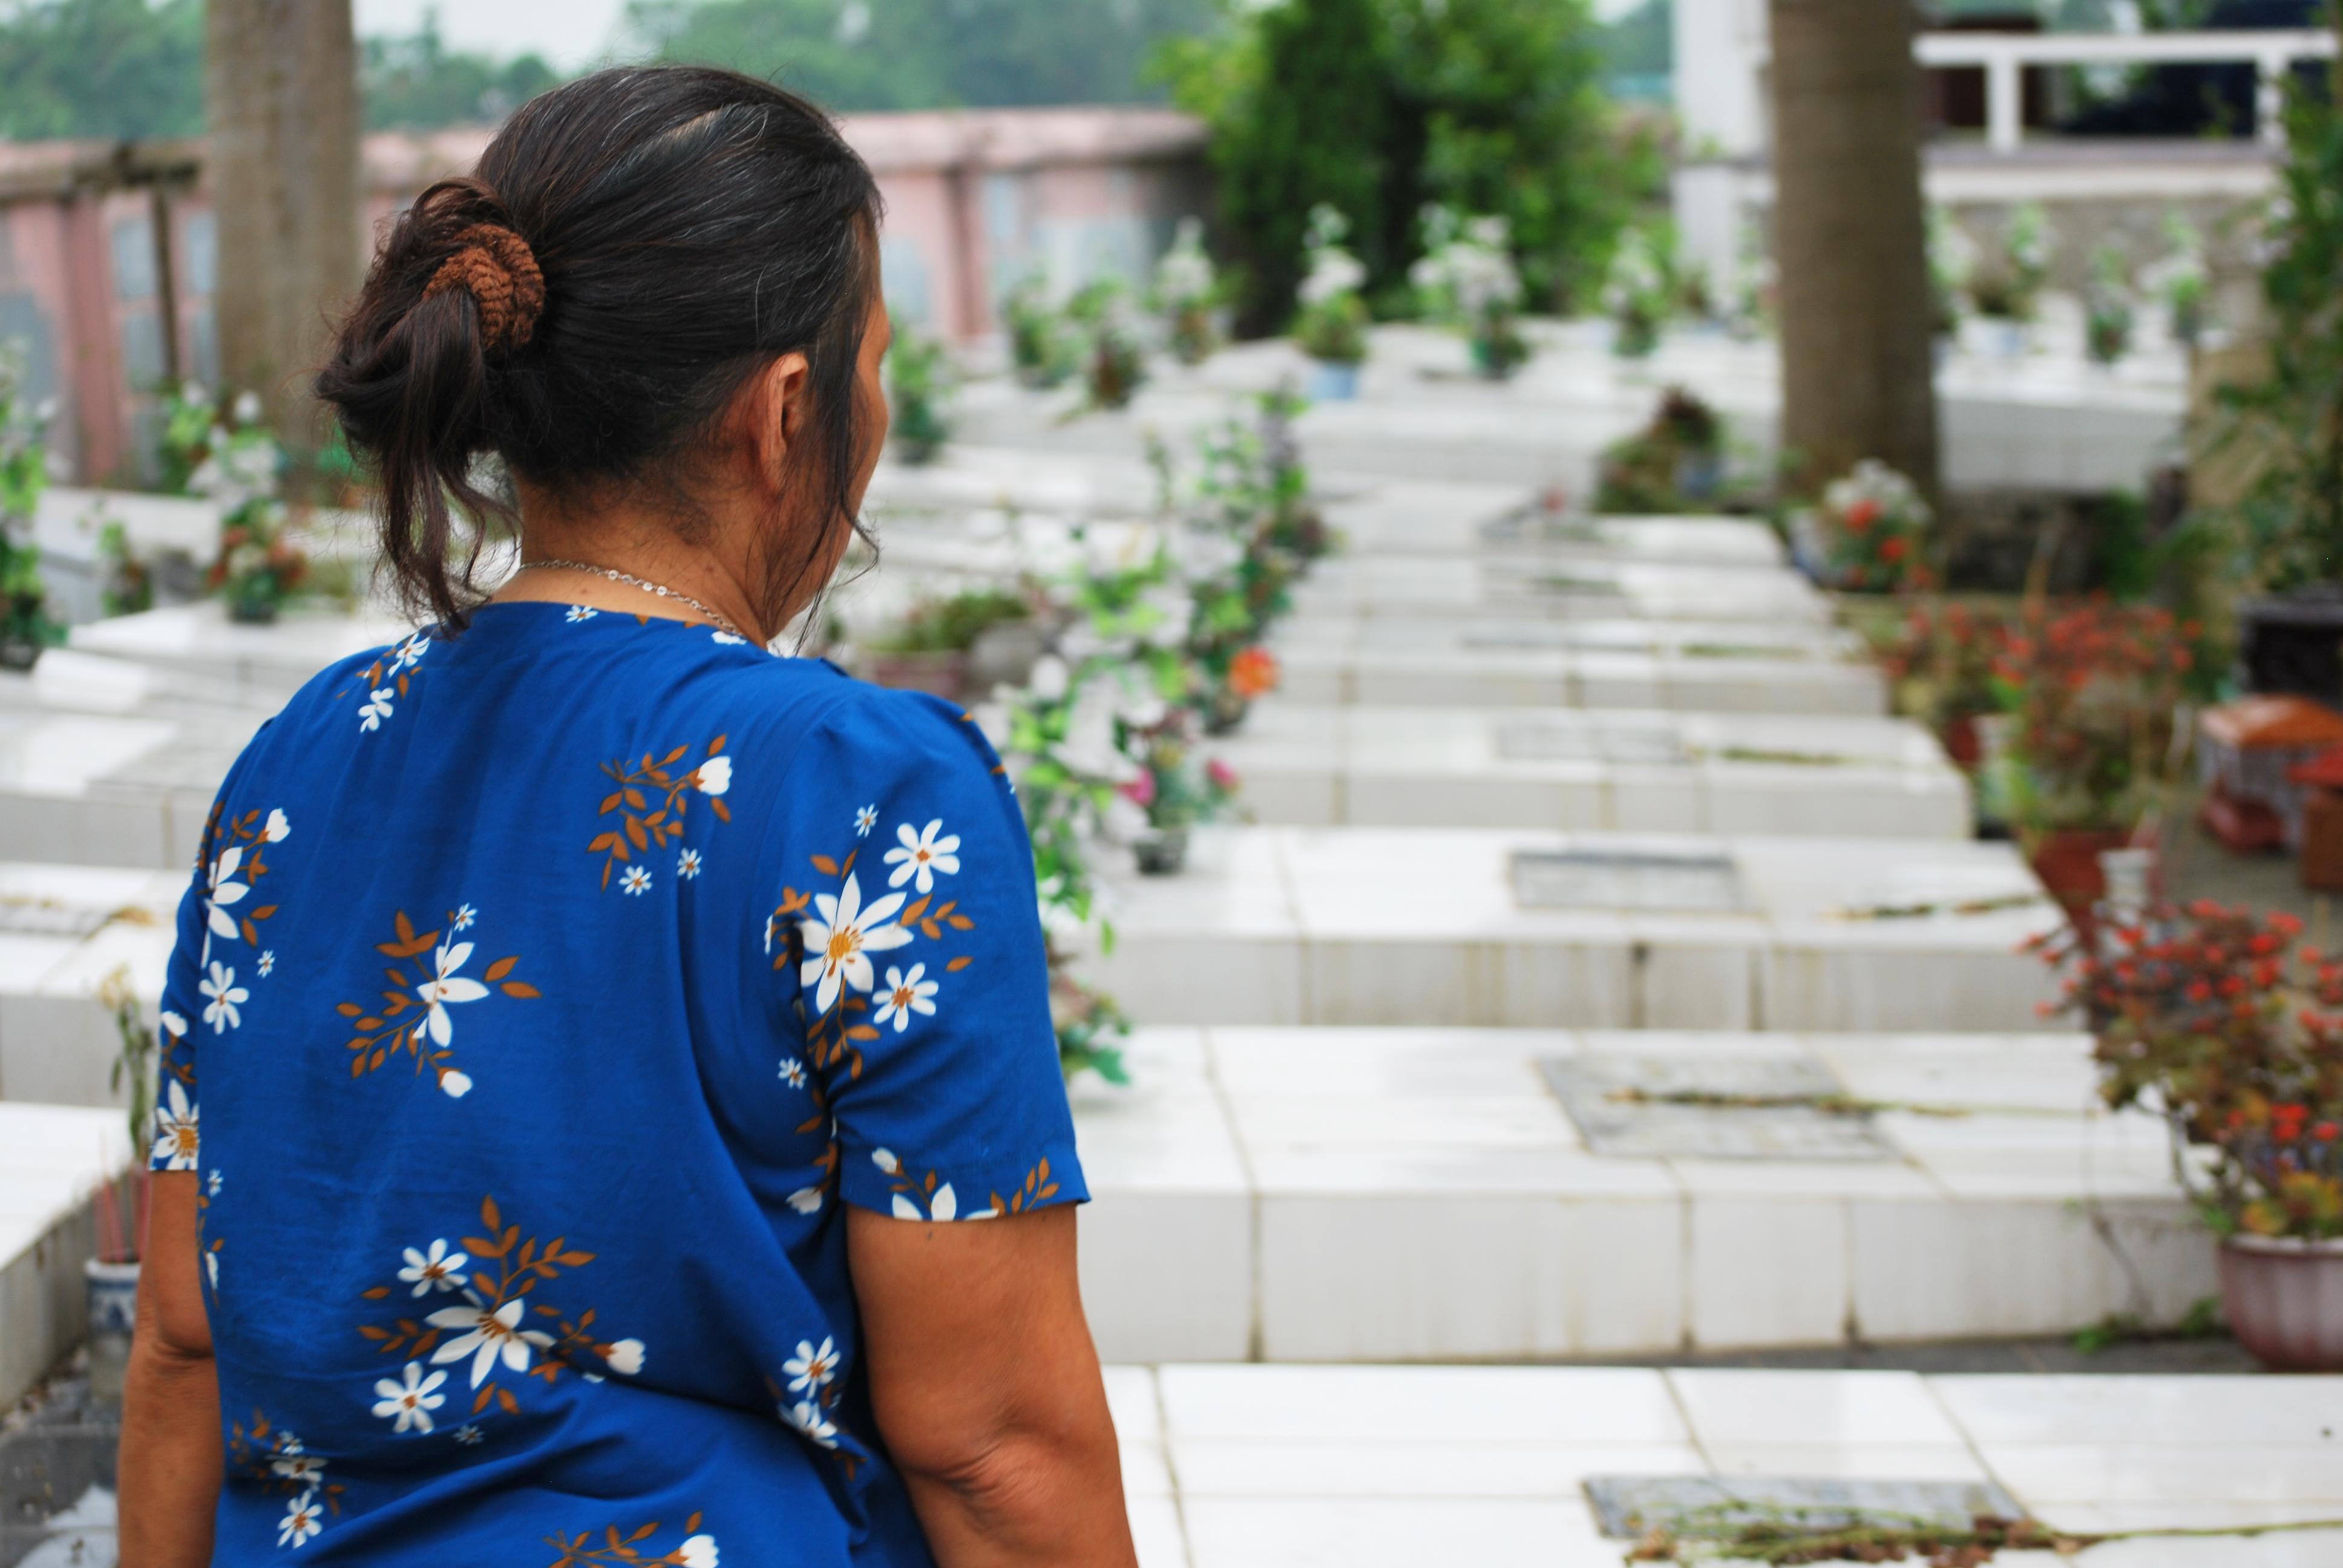 Hàng vạn sinh linh vô tội đã được người đàn bà nghèo đưa về chôn cất ngay trong ruộng nhà mình